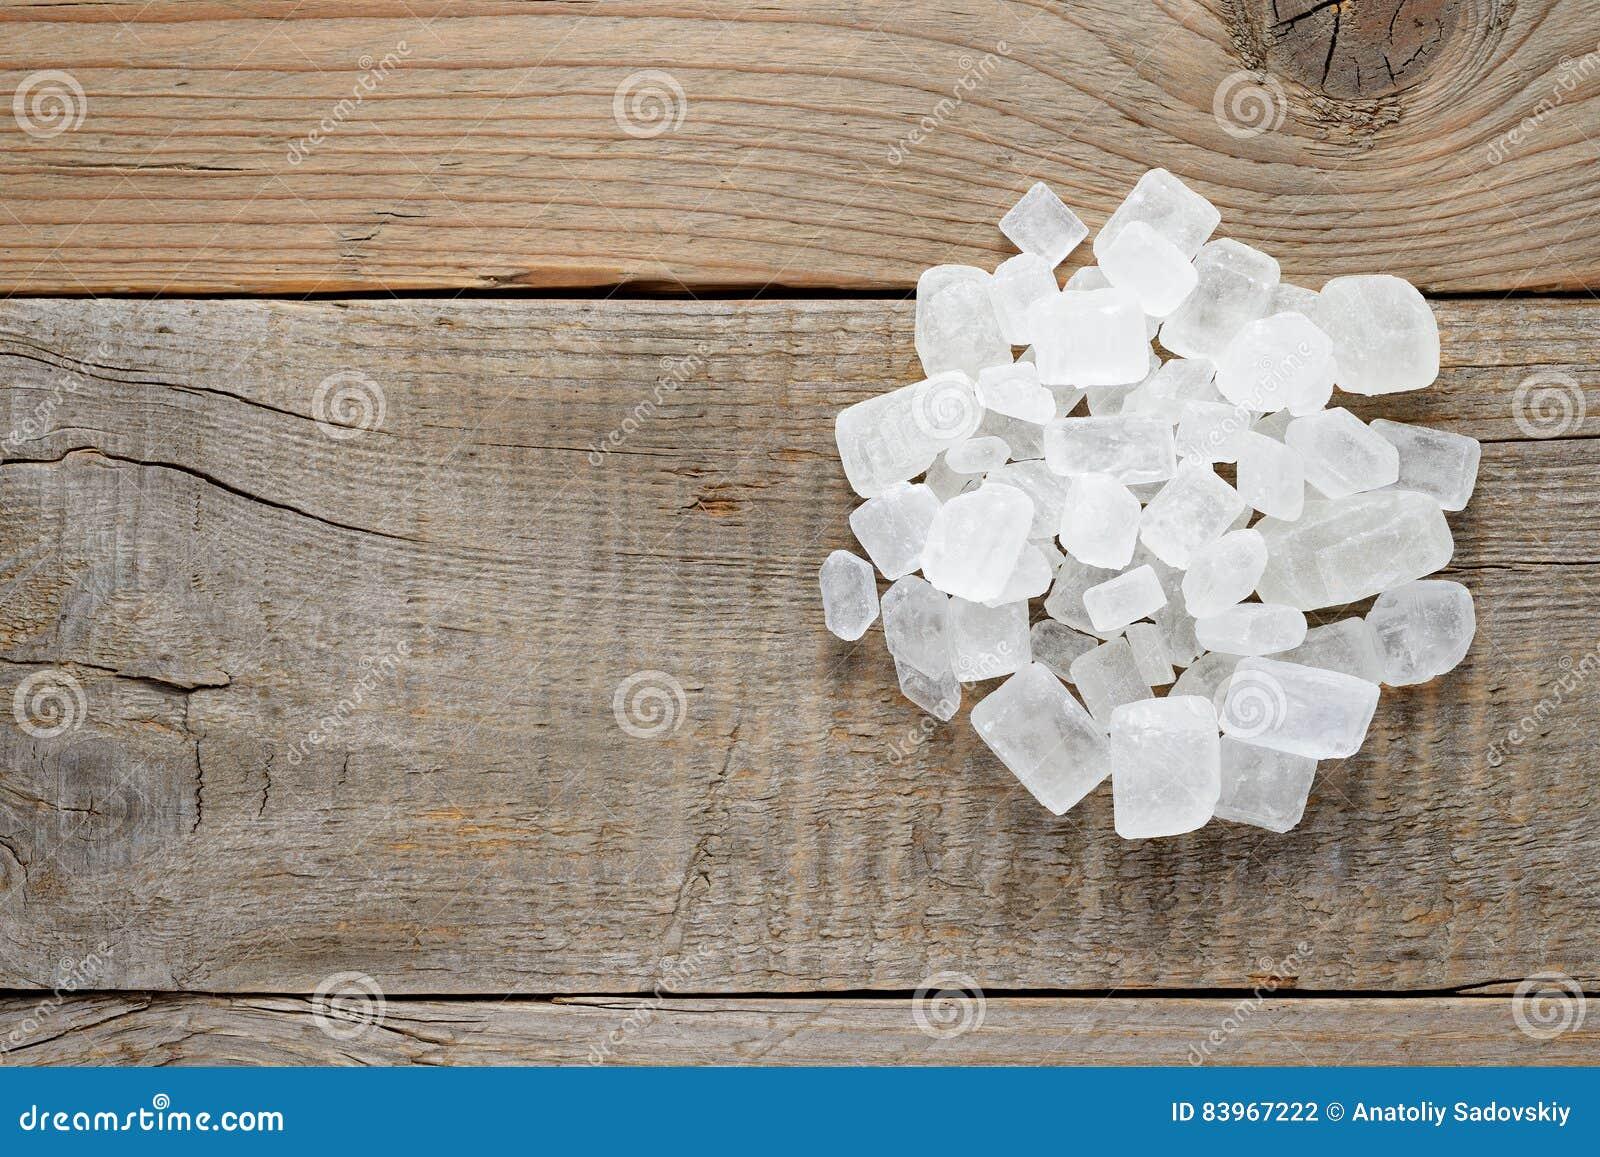 Pile of white rock sugar